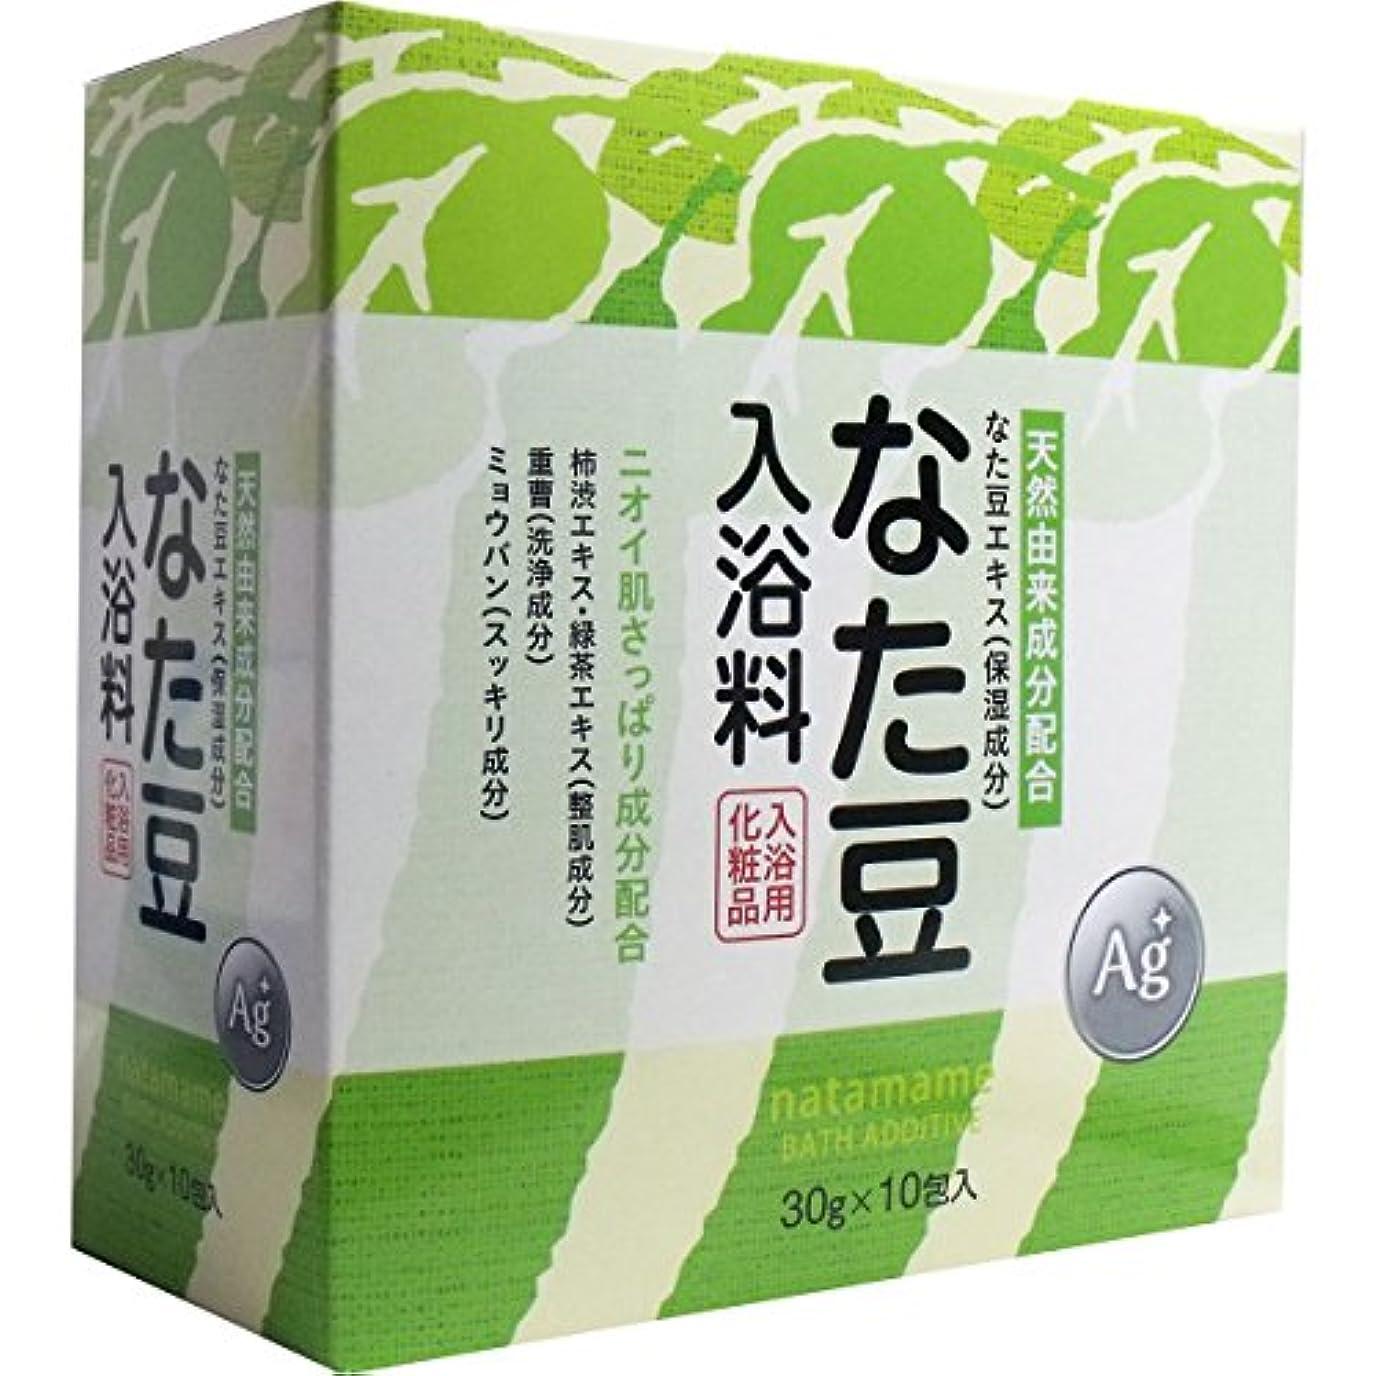 夜明けランプ消化なた豆入浴料 入浴用化粧品 30g×10包入×10